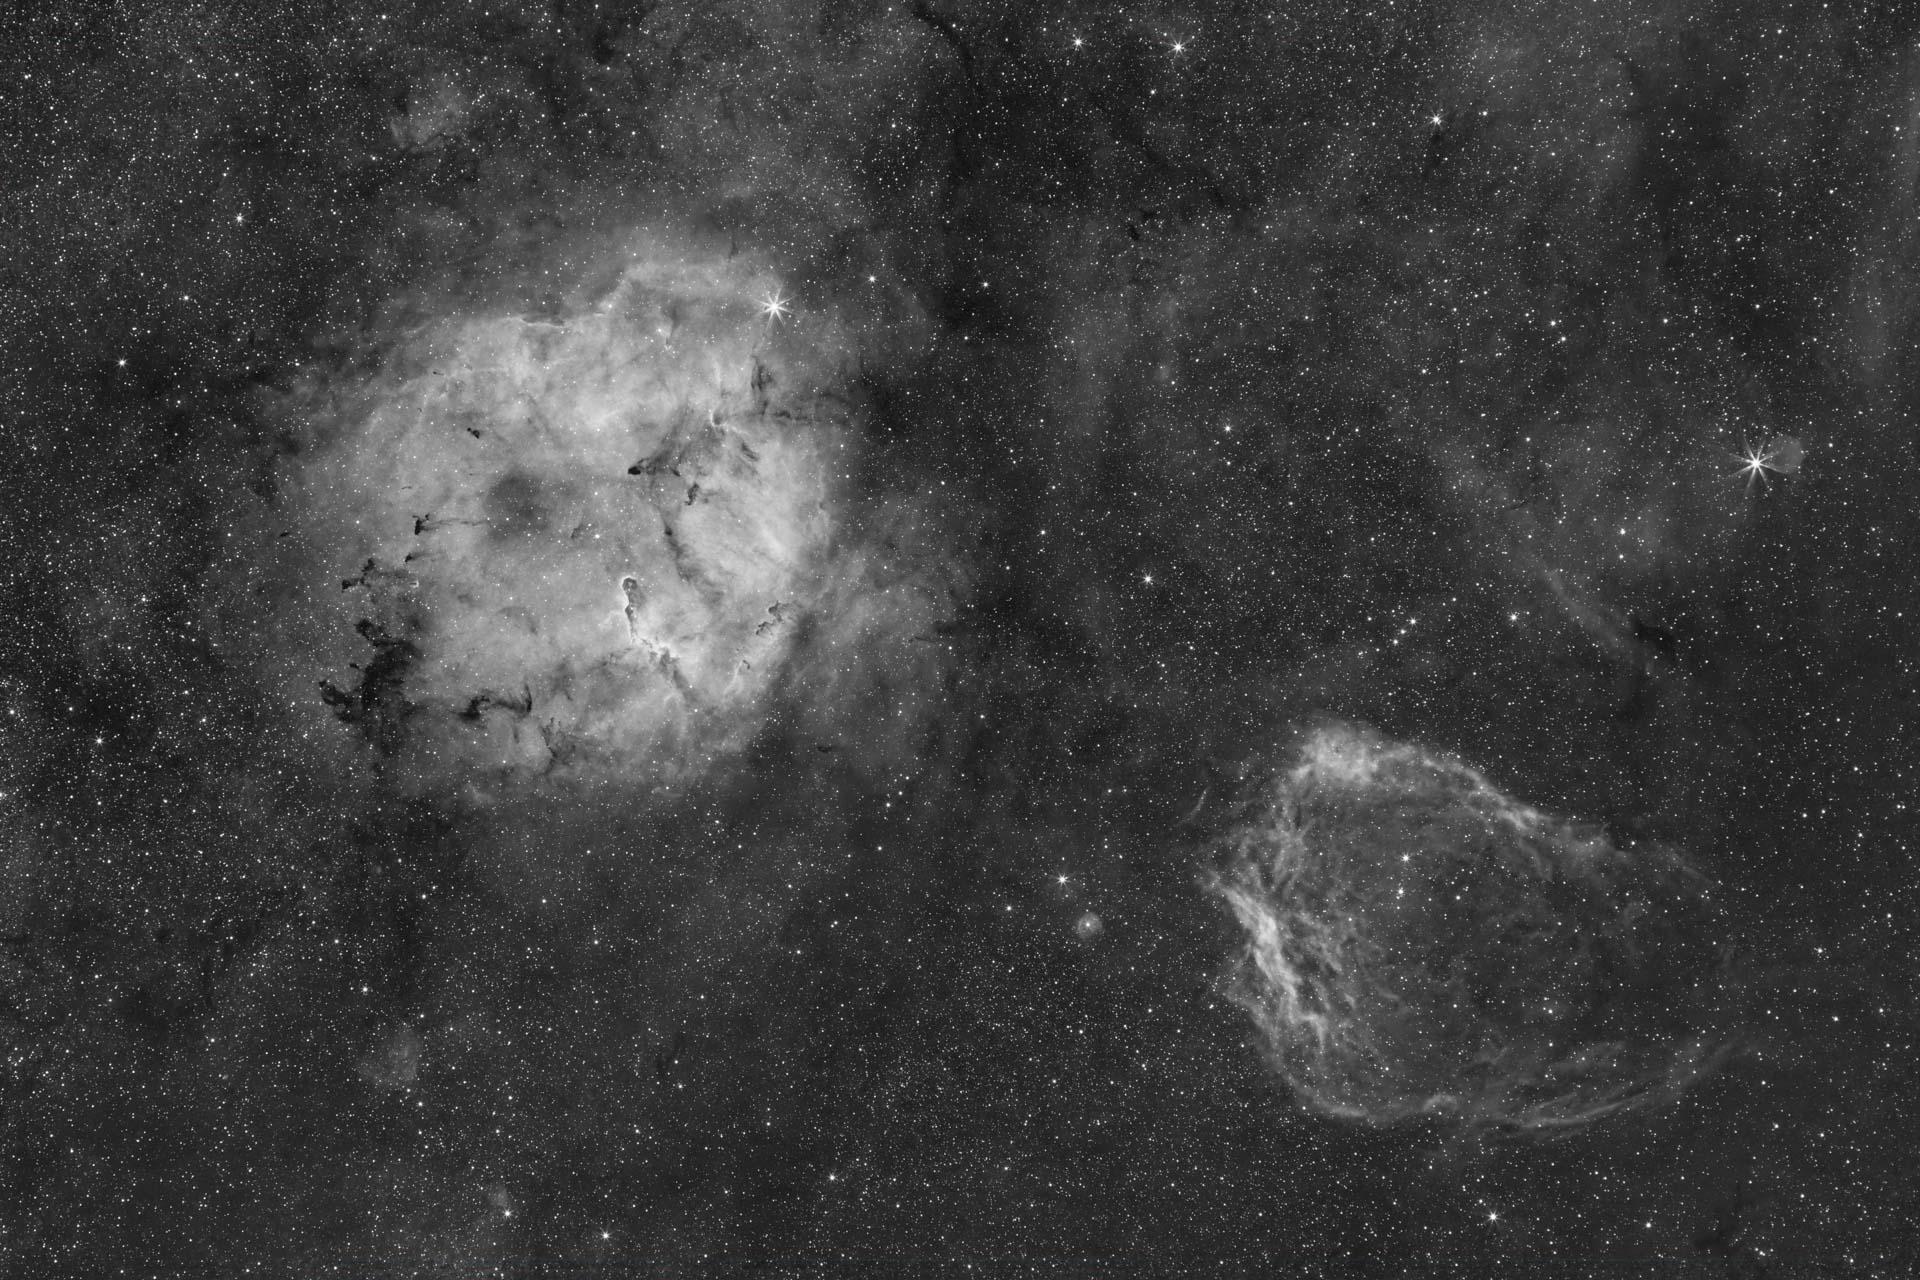 NGC1396_Ha-Astronomie.de-3.jpg